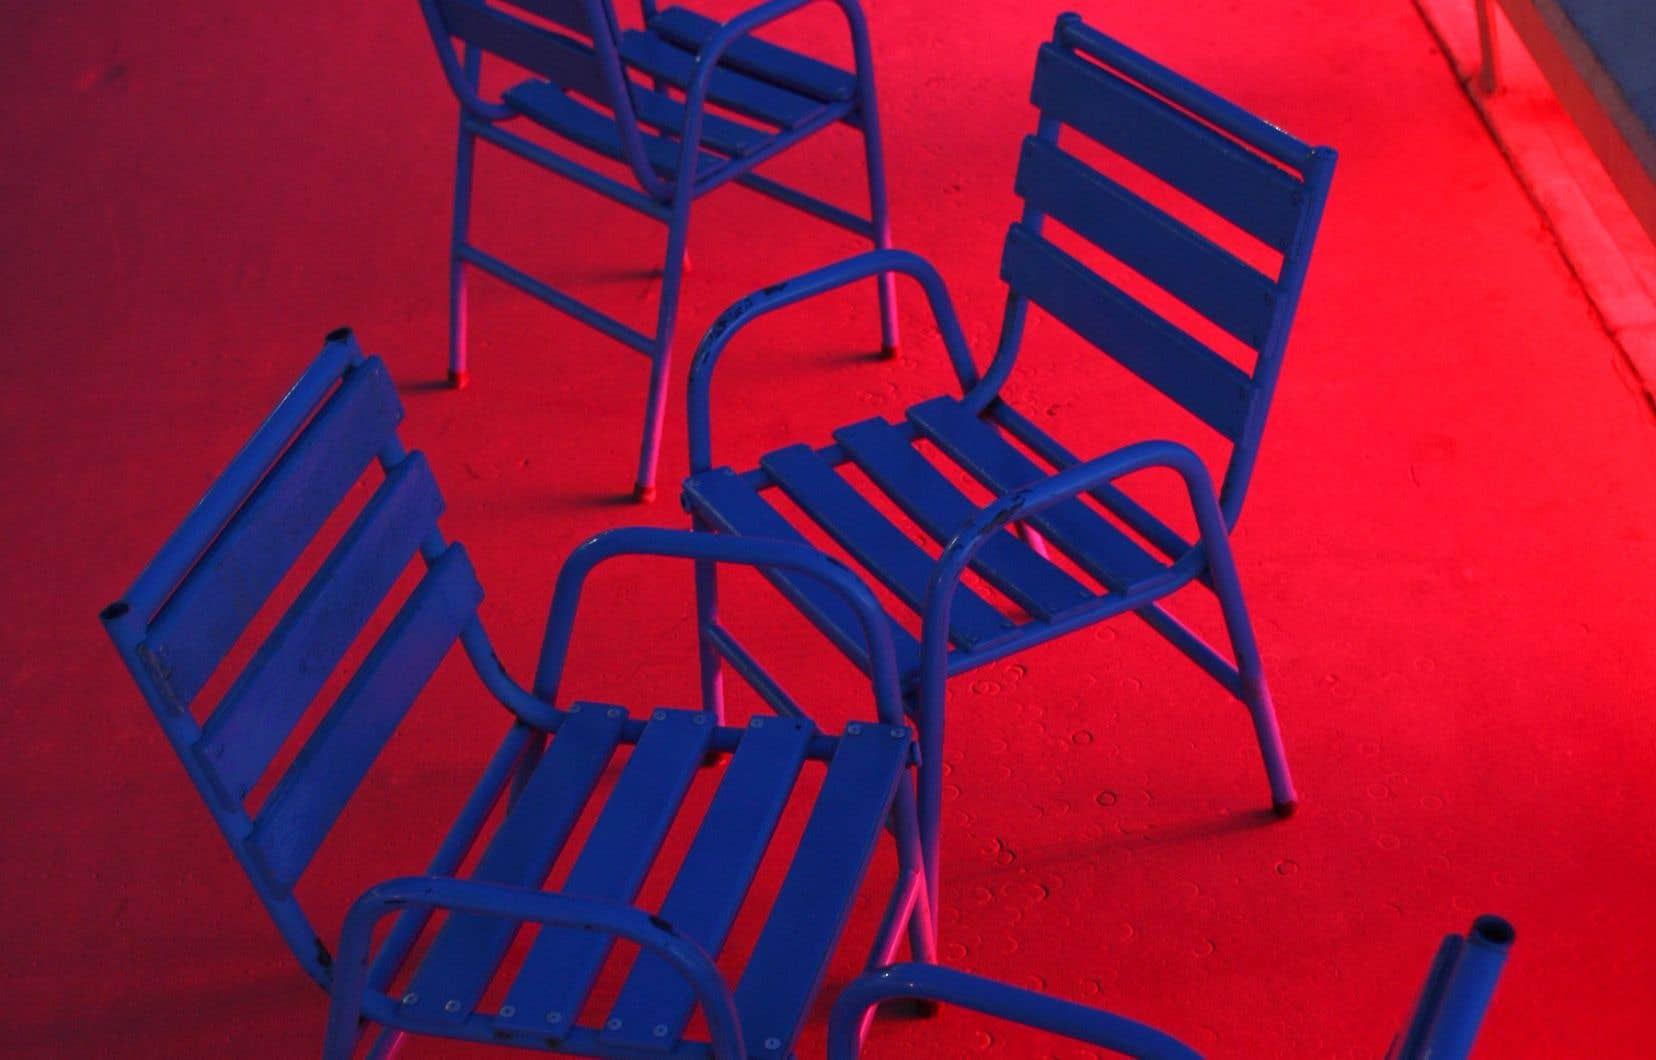 Les chaises de la Croisette de Cannes sont restées vides cette année. Les cinéphiles reviendront-ils en salle pour voir des films, suivre des festivals? Le milieu croit en l'irremplaçabilité du grand écran, mais qui peut prédire l'avenir du cinéma à l'orée de grandes pandémies?